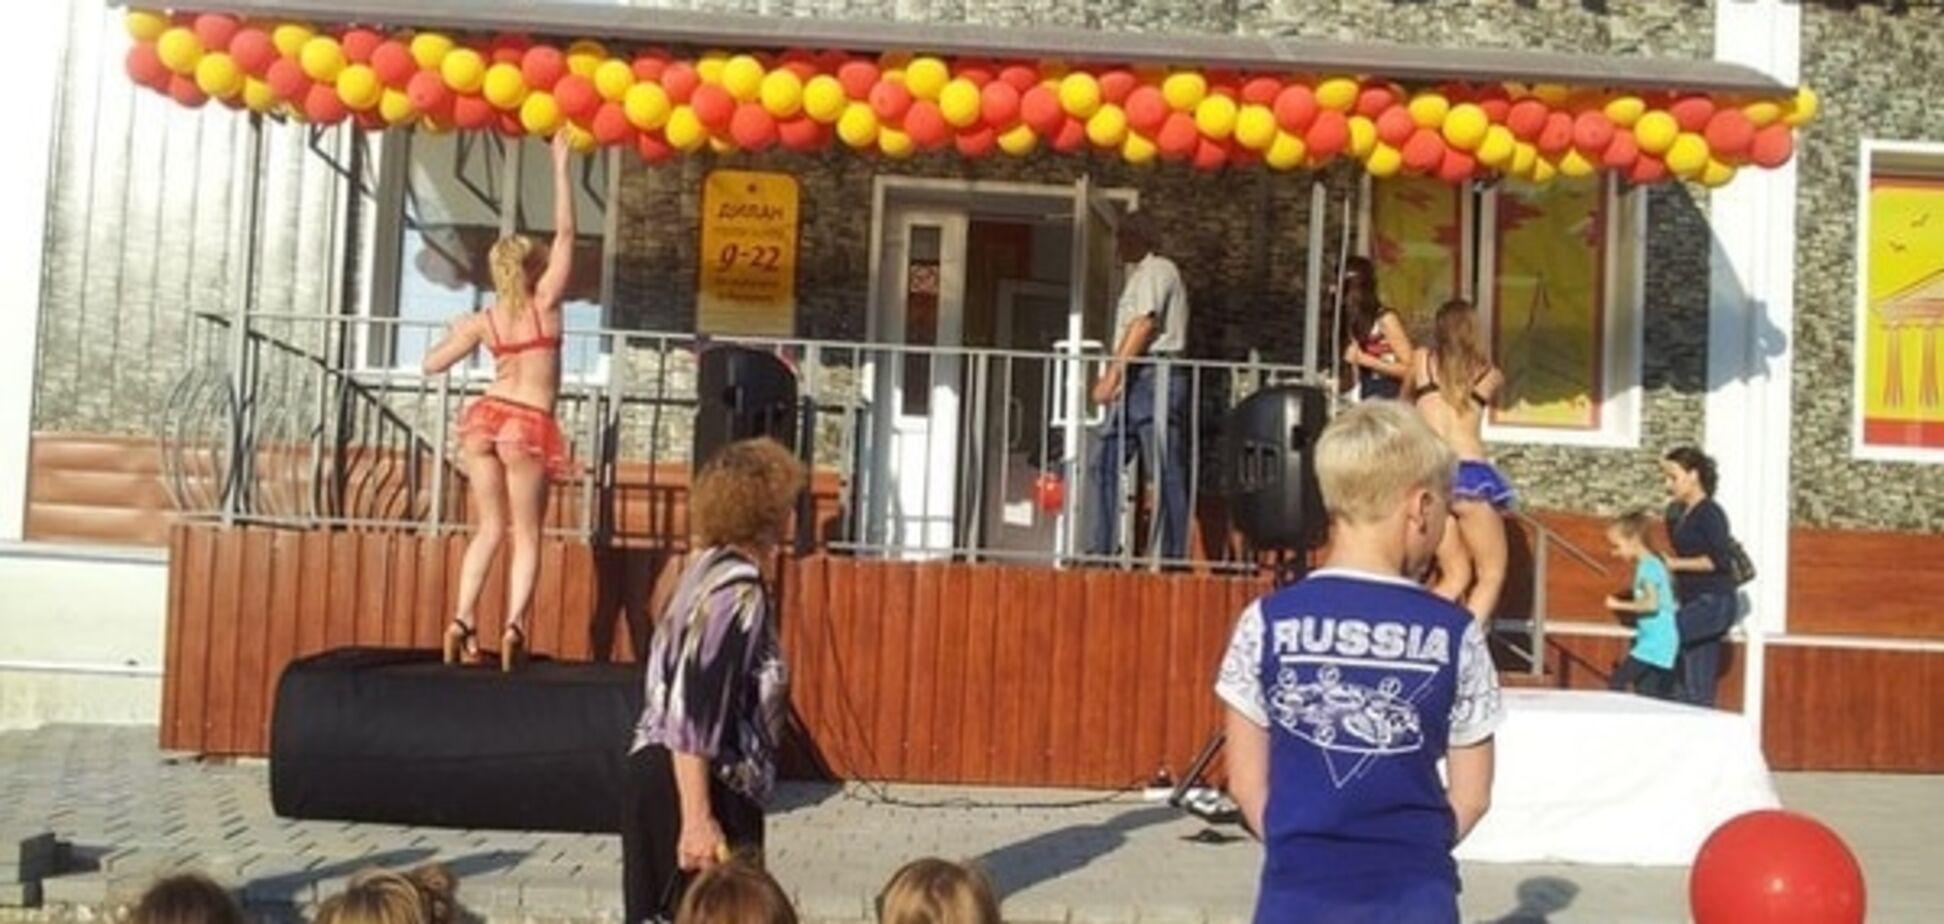 'Это вам не бездуховная Гейропа': в России детей на открытии алкомаркета развлекали стриптизерши. Фоторепортаж